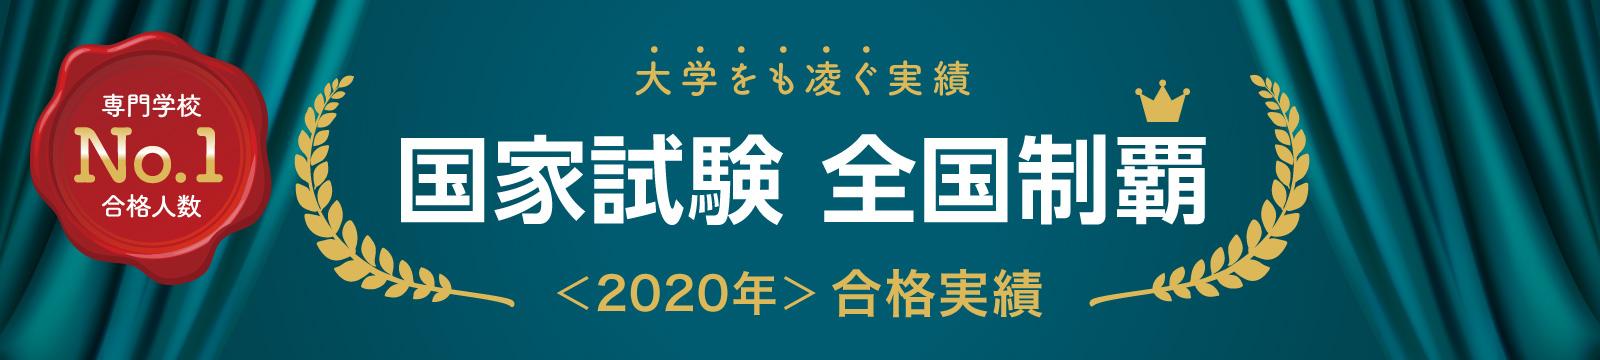 国家試験全道制覇 2020年高度種合格実績